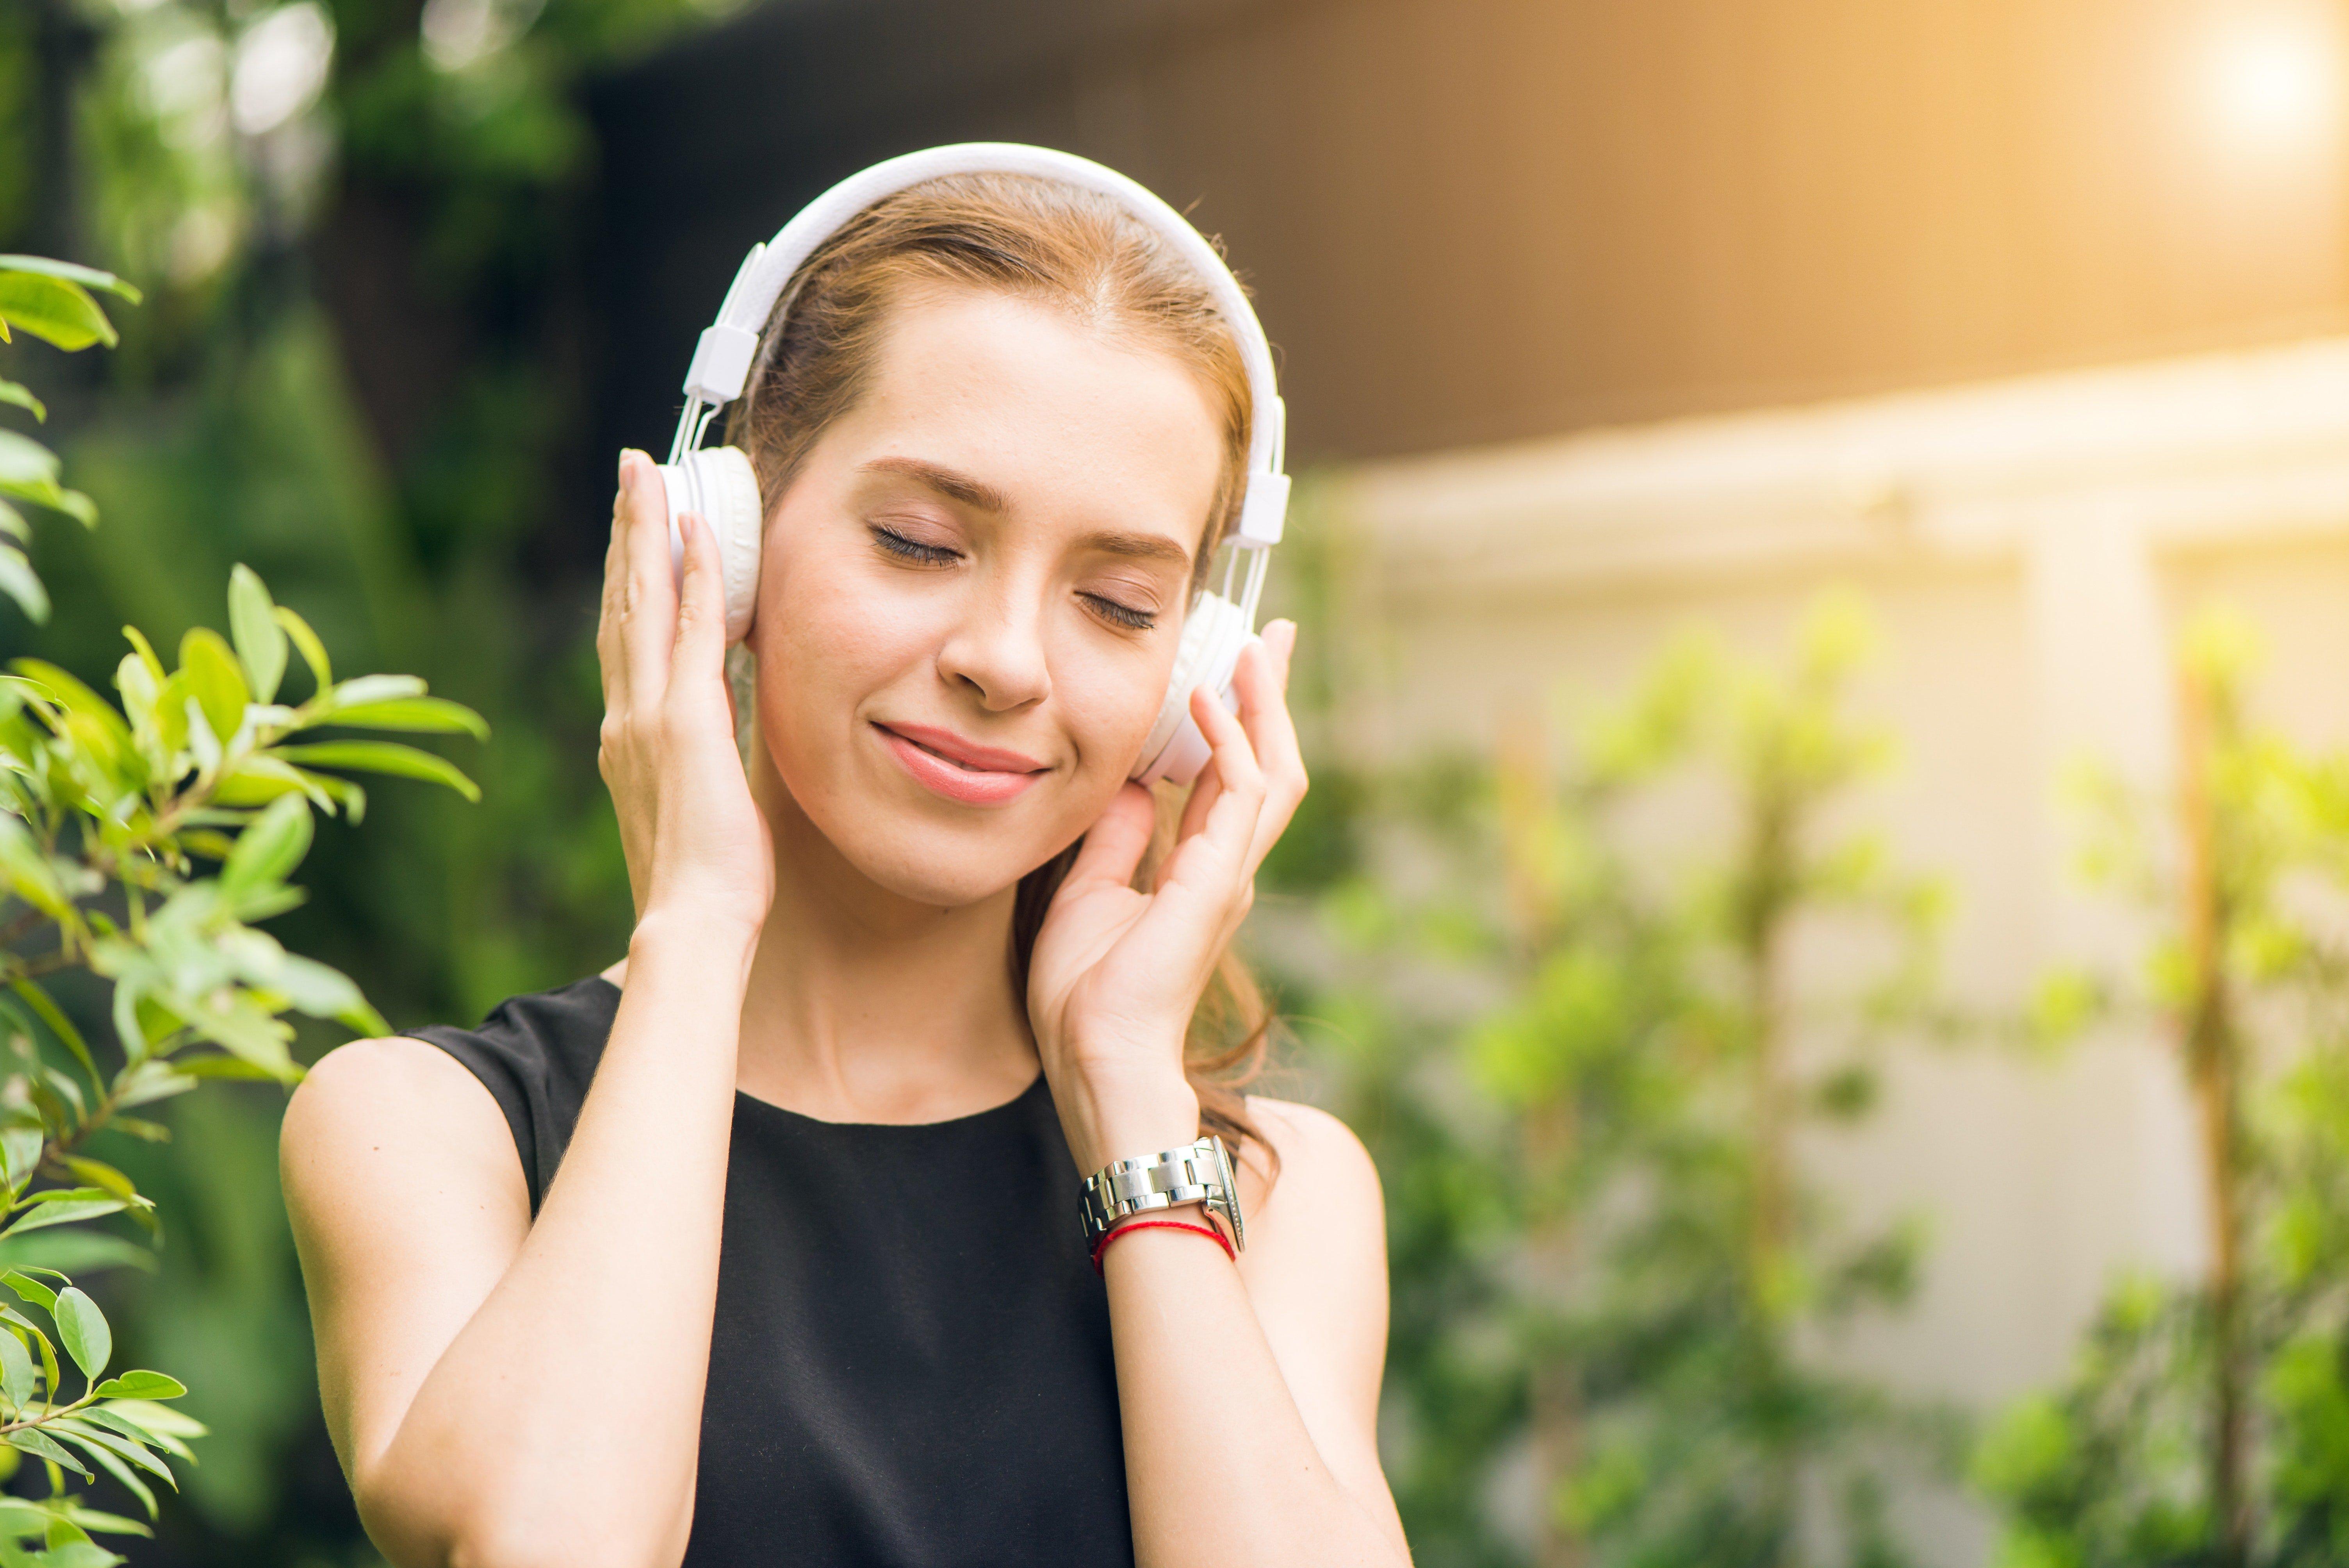 Escuchar música relajante mejora la salud